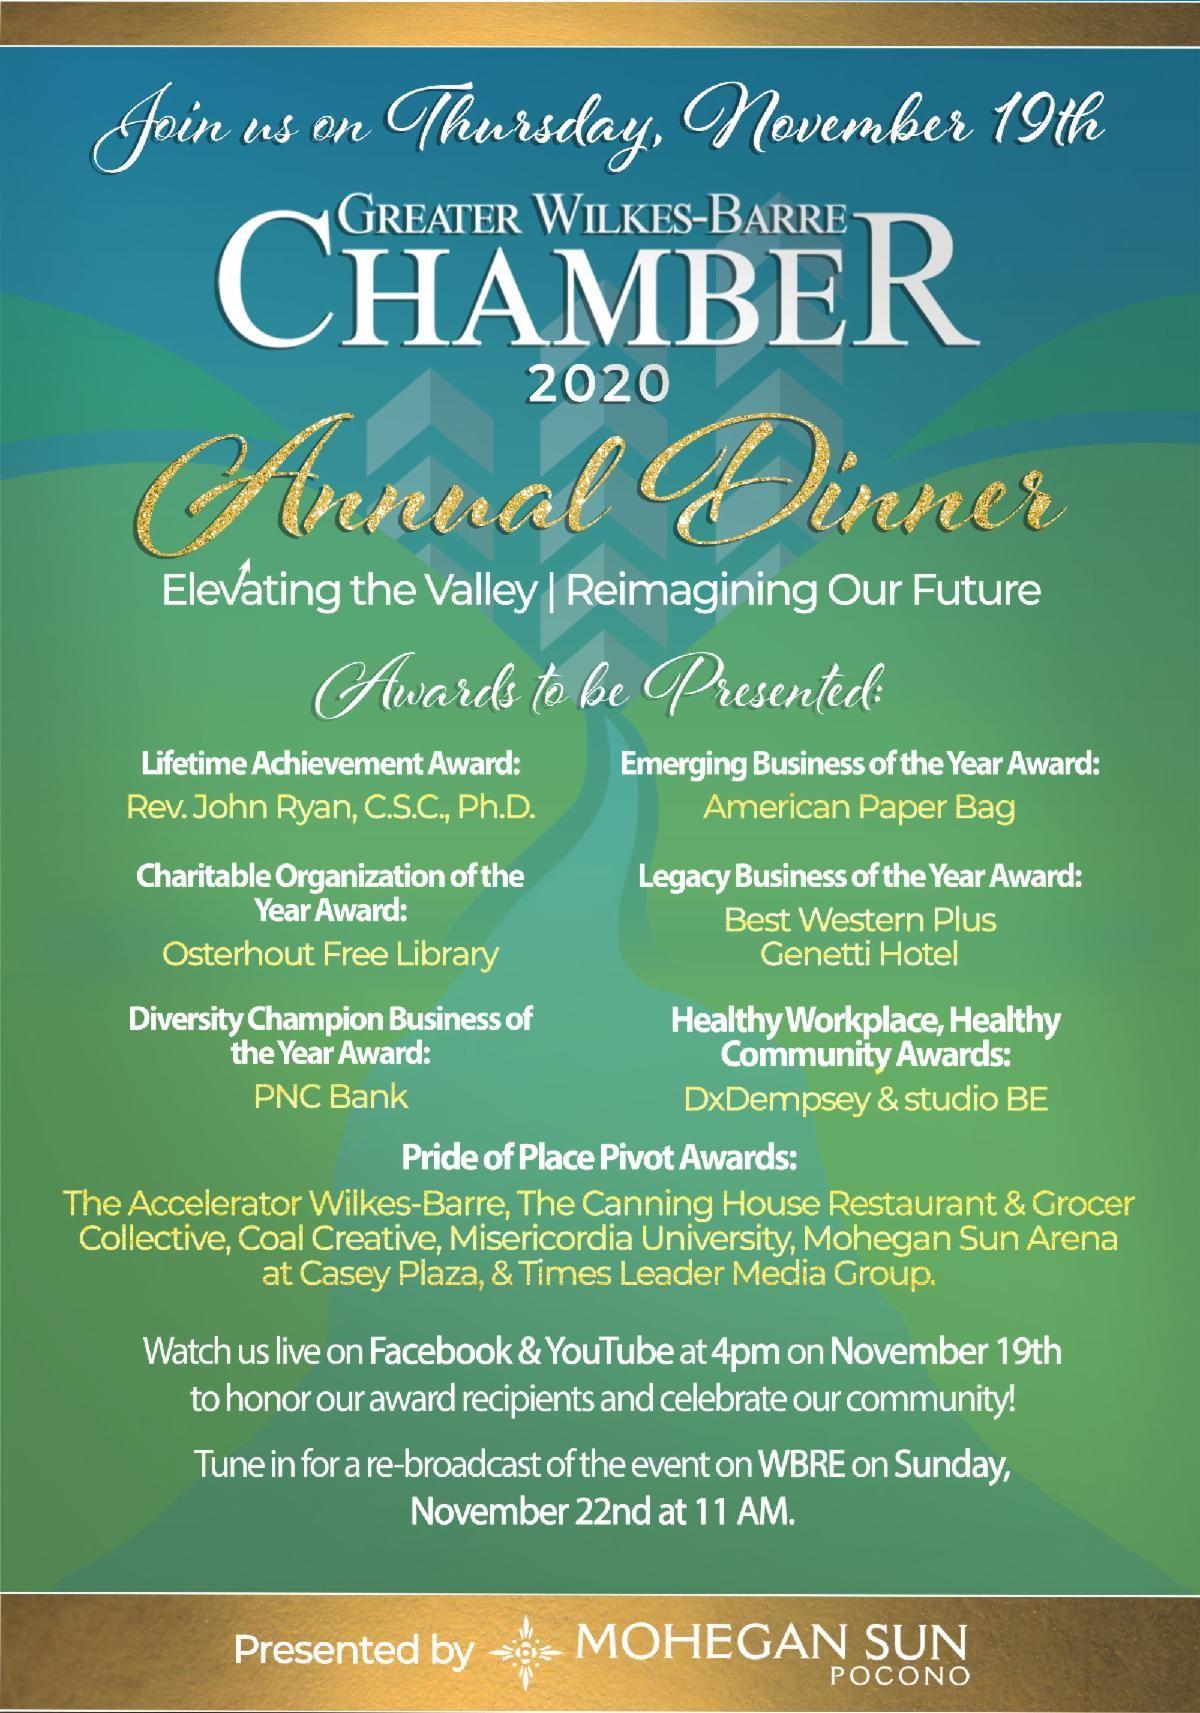 2020 Annual Dinner Flyer